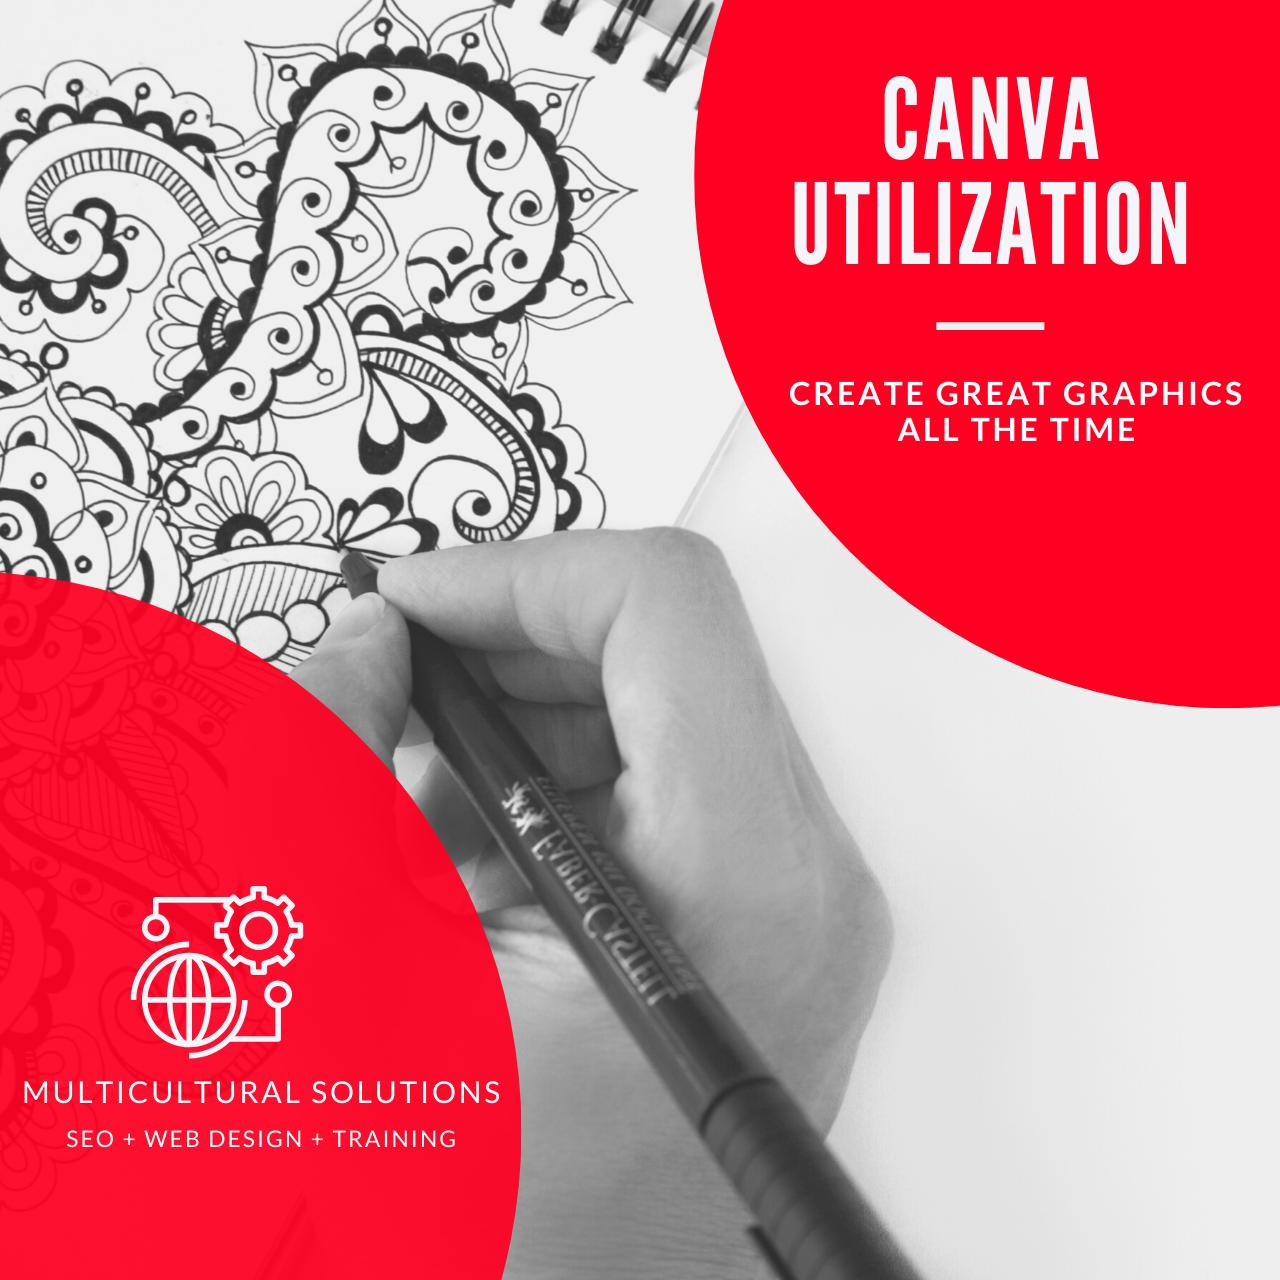 Canva Utilization